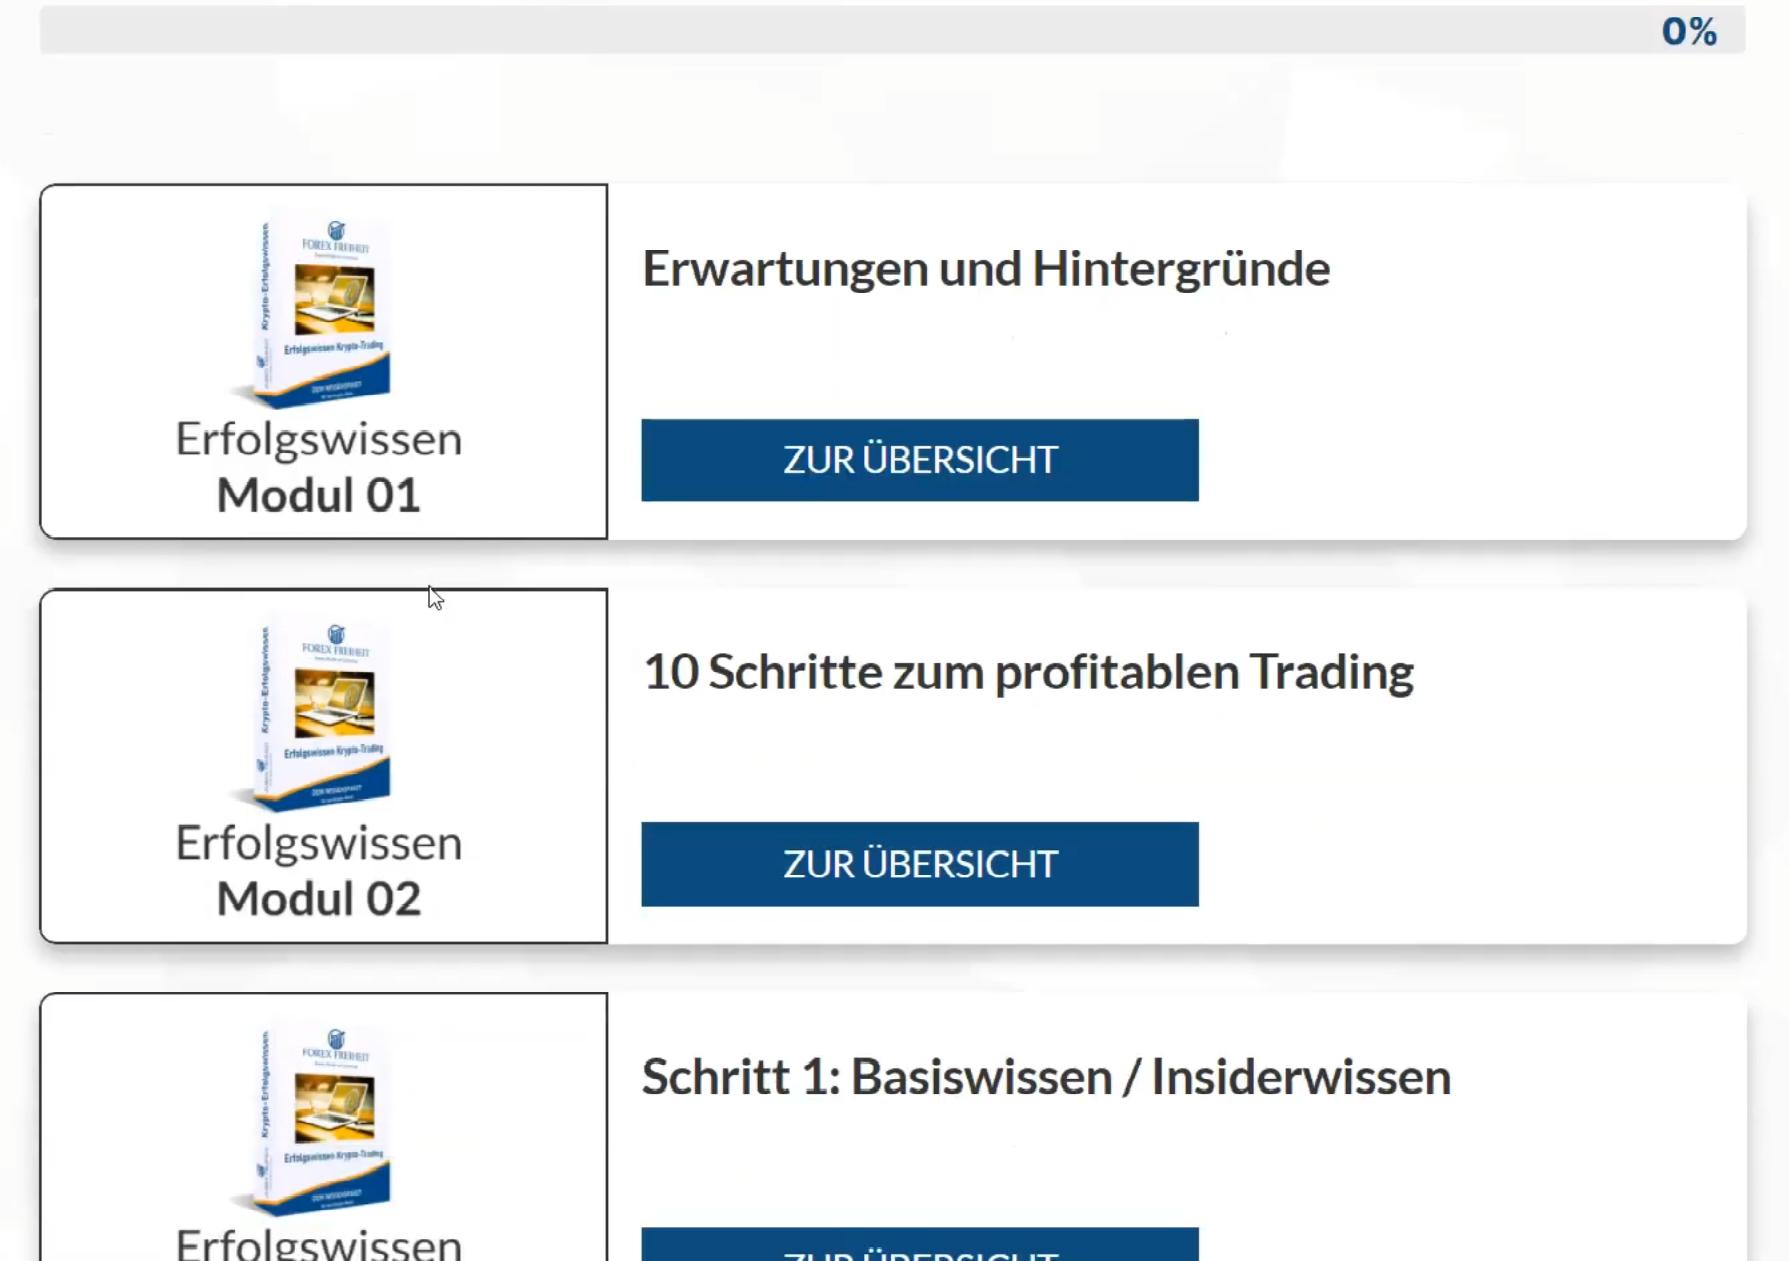 Krypto Trading Akademie Master von Jürgen Wechsler Erfahrungen